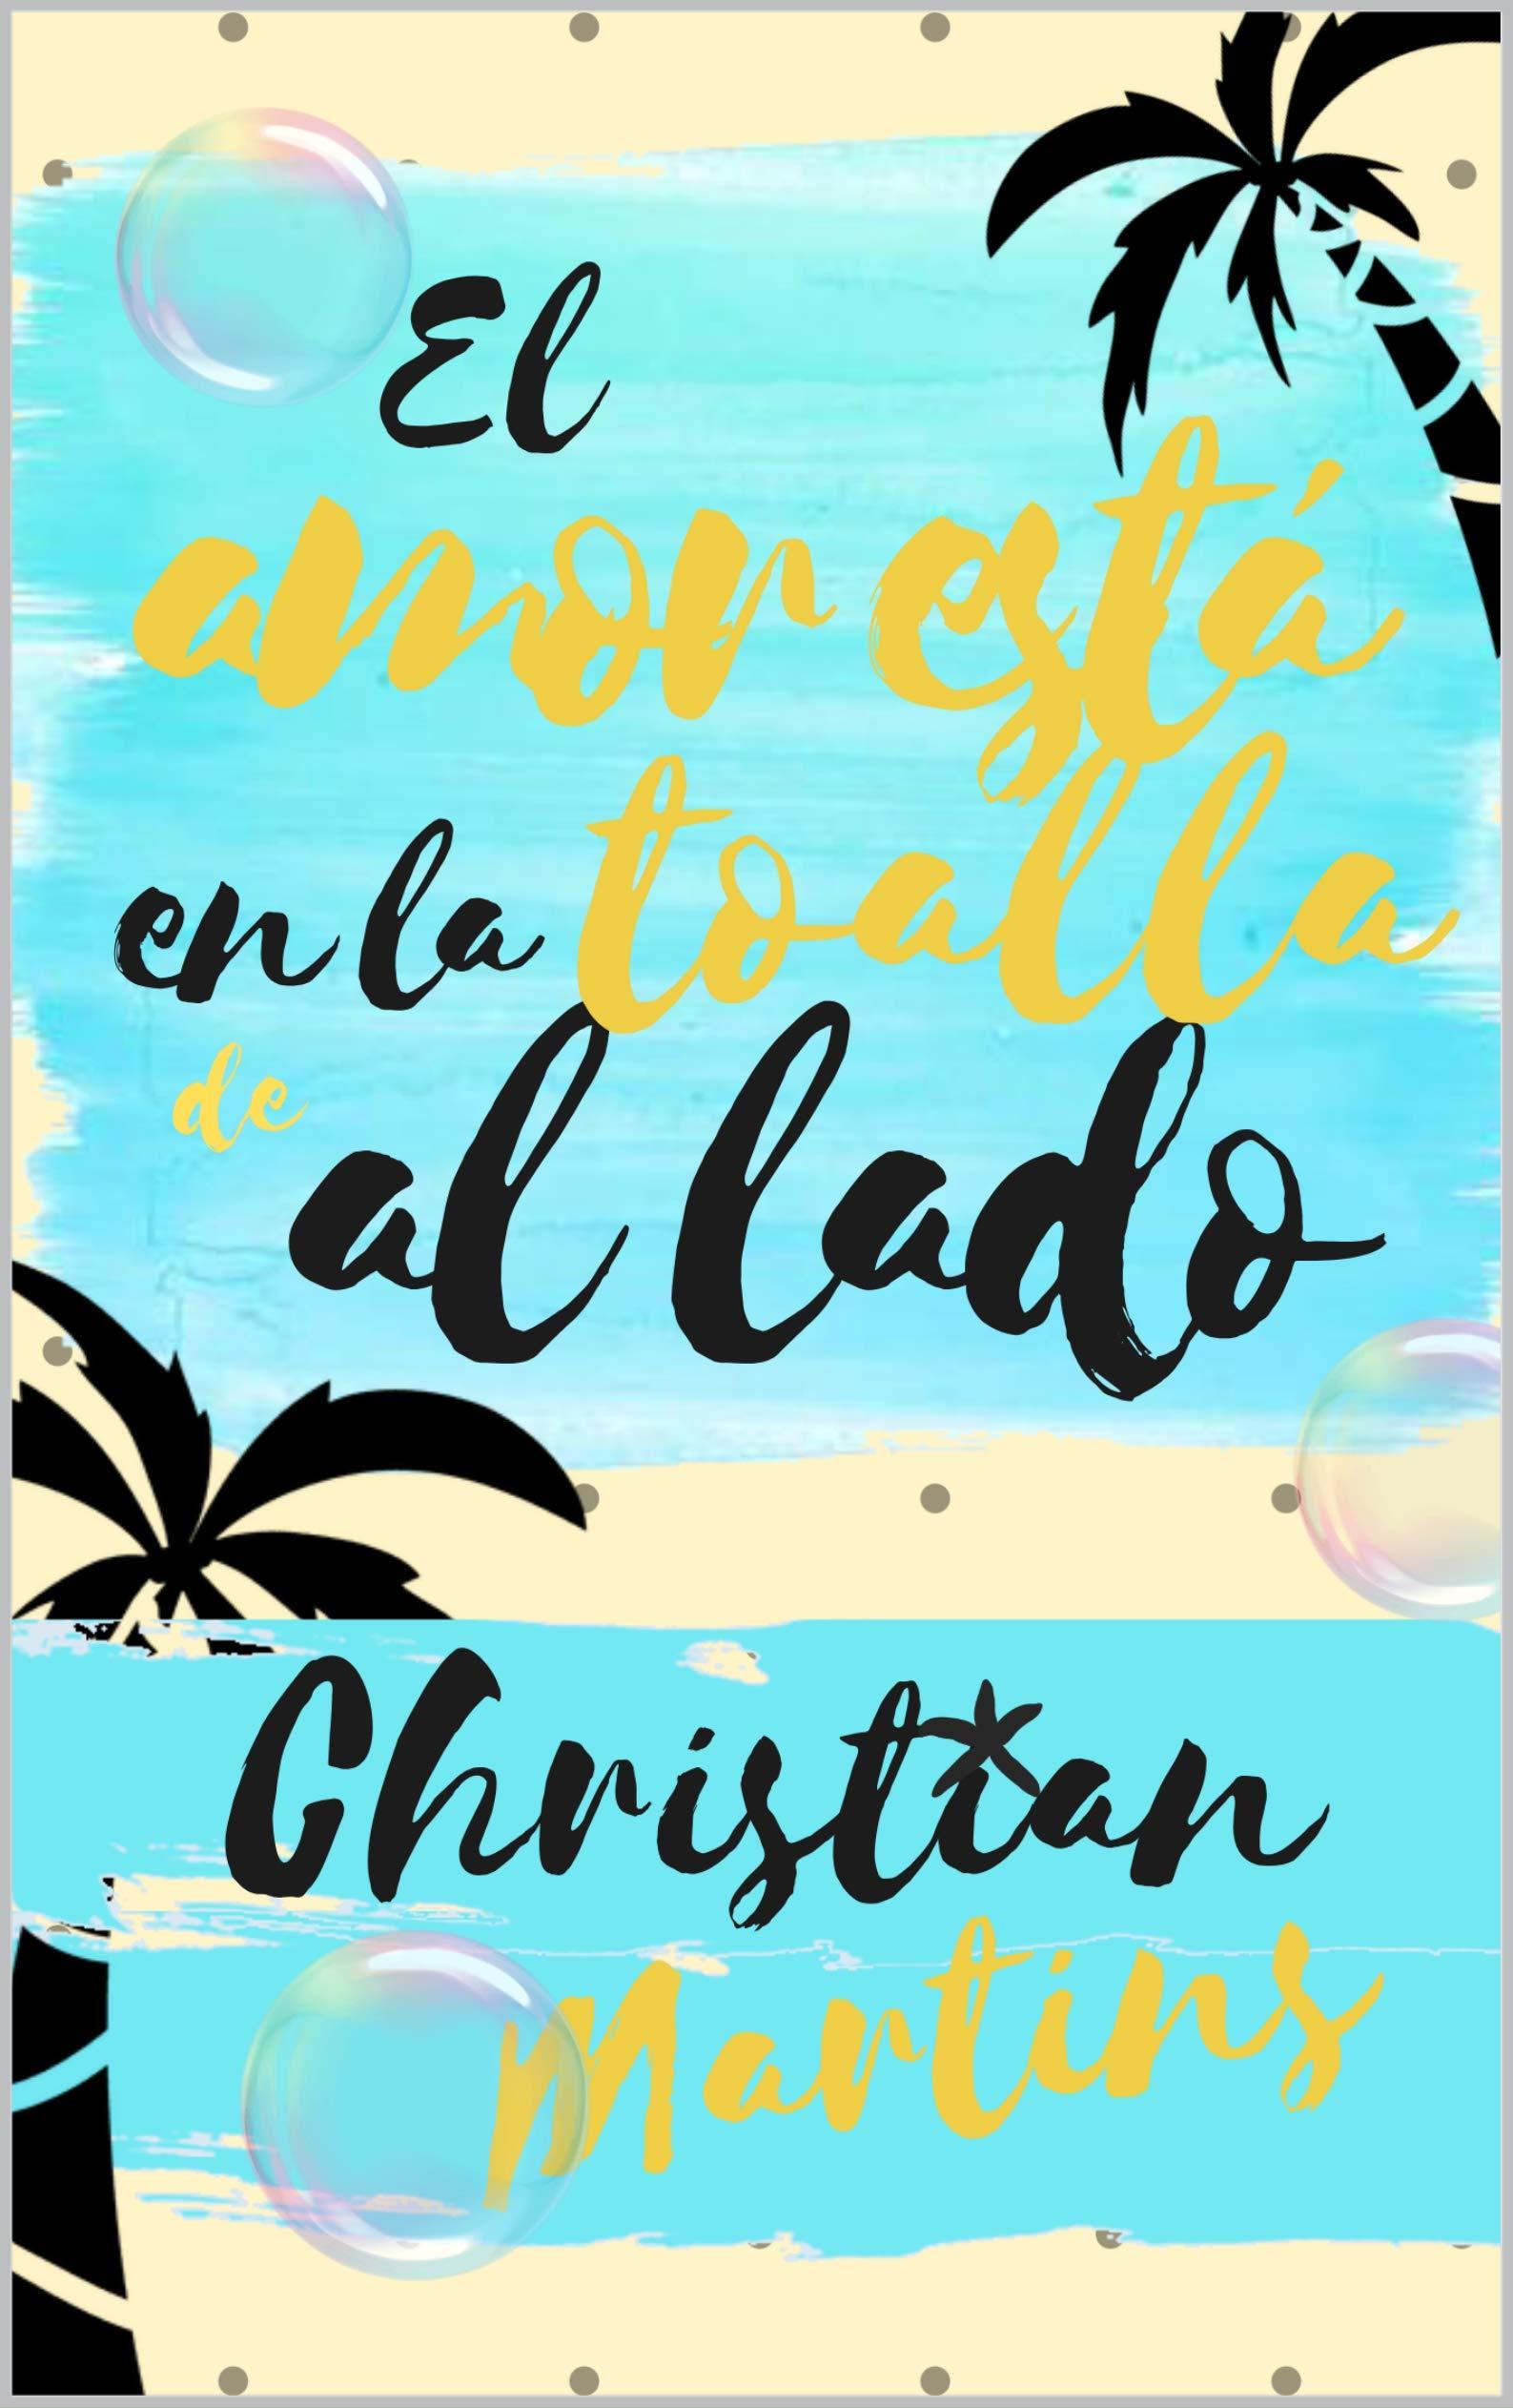 El amor está en la toalla de al lado por Christian Martins